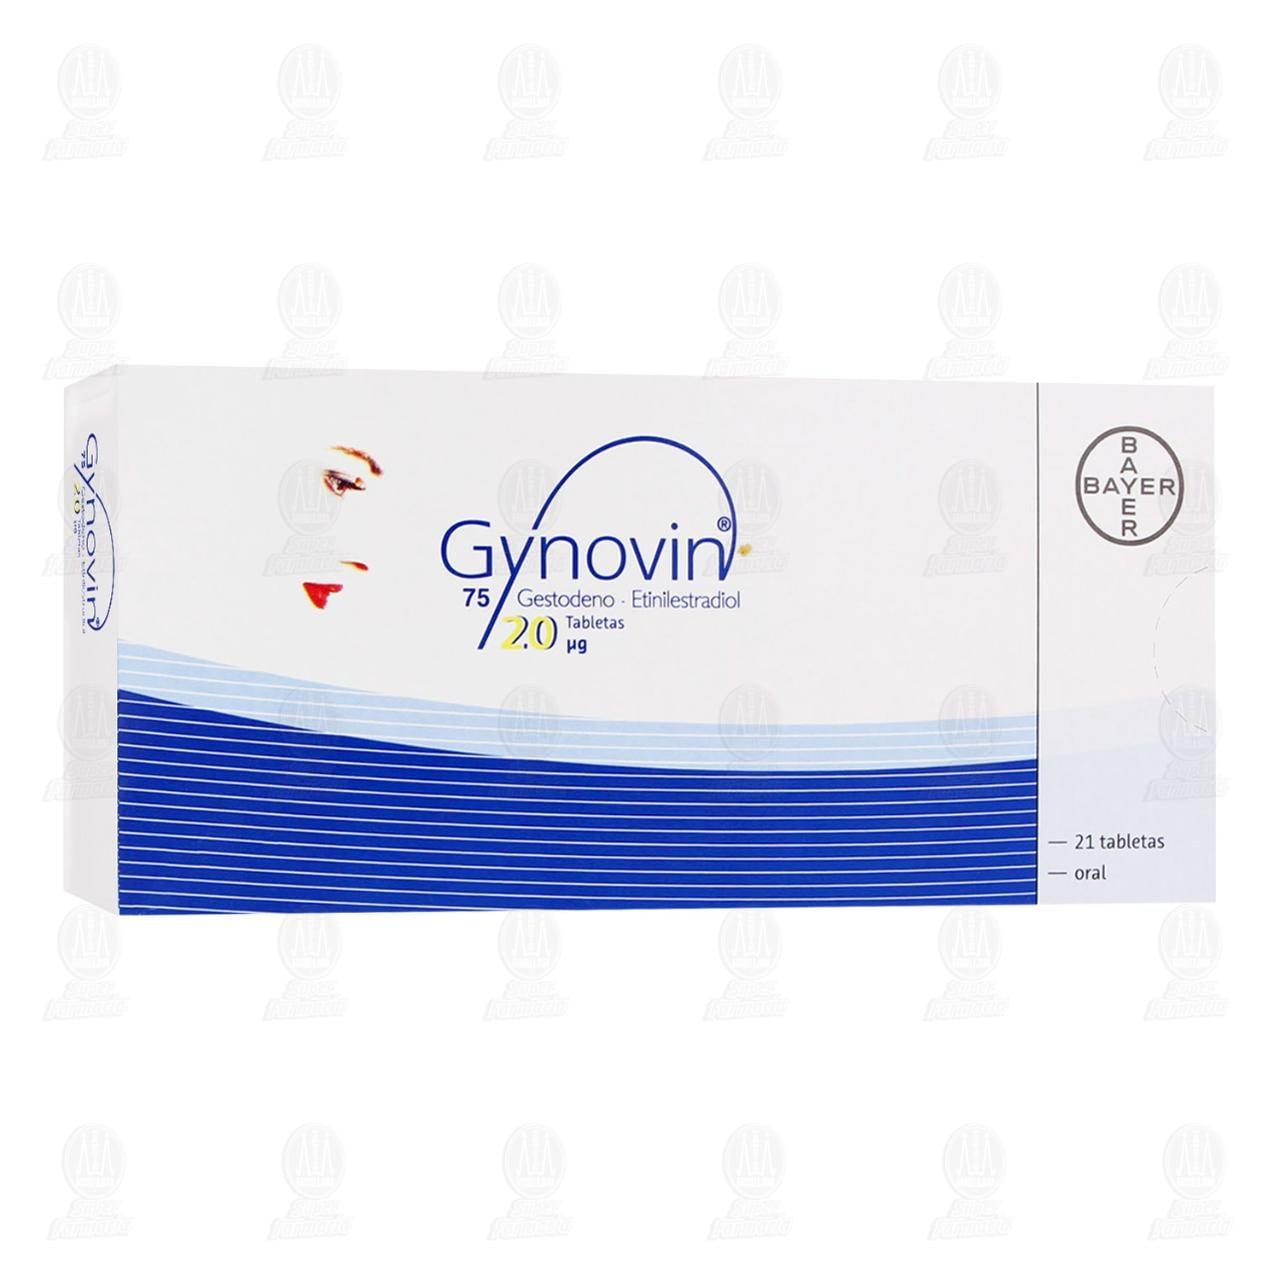 Comprar Gynovin 20 Mg 21 Tabletas en Farmacias Guadalajara